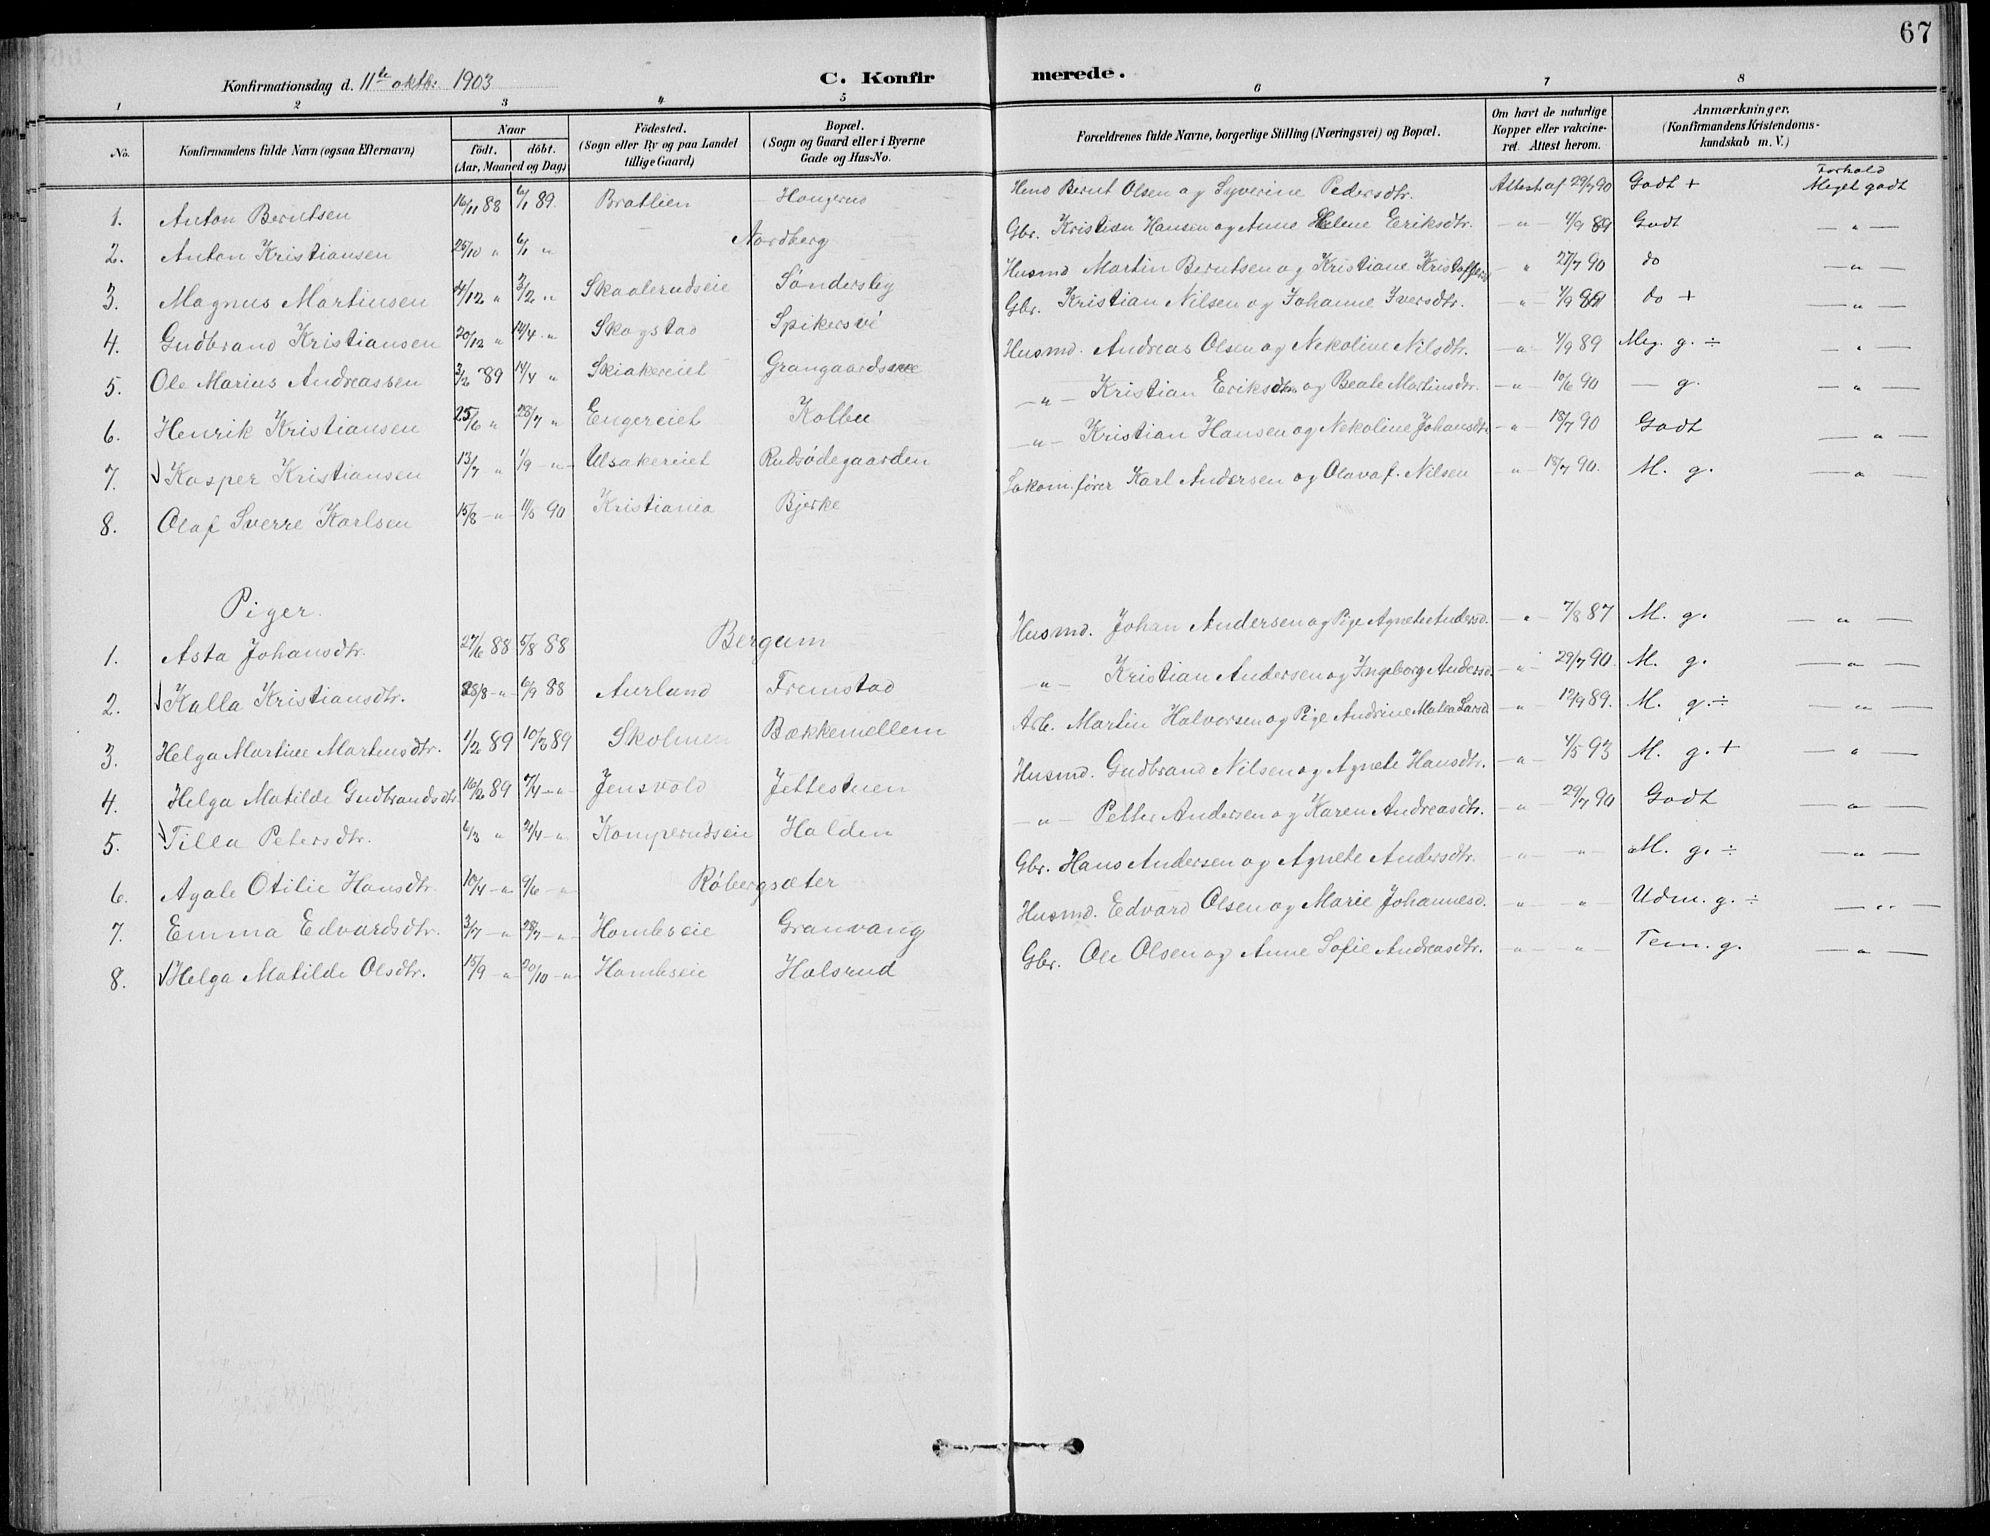 SAH, Nordre Land prestekontor, Klokkerbok nr. 14, 1891-1907, s. 67